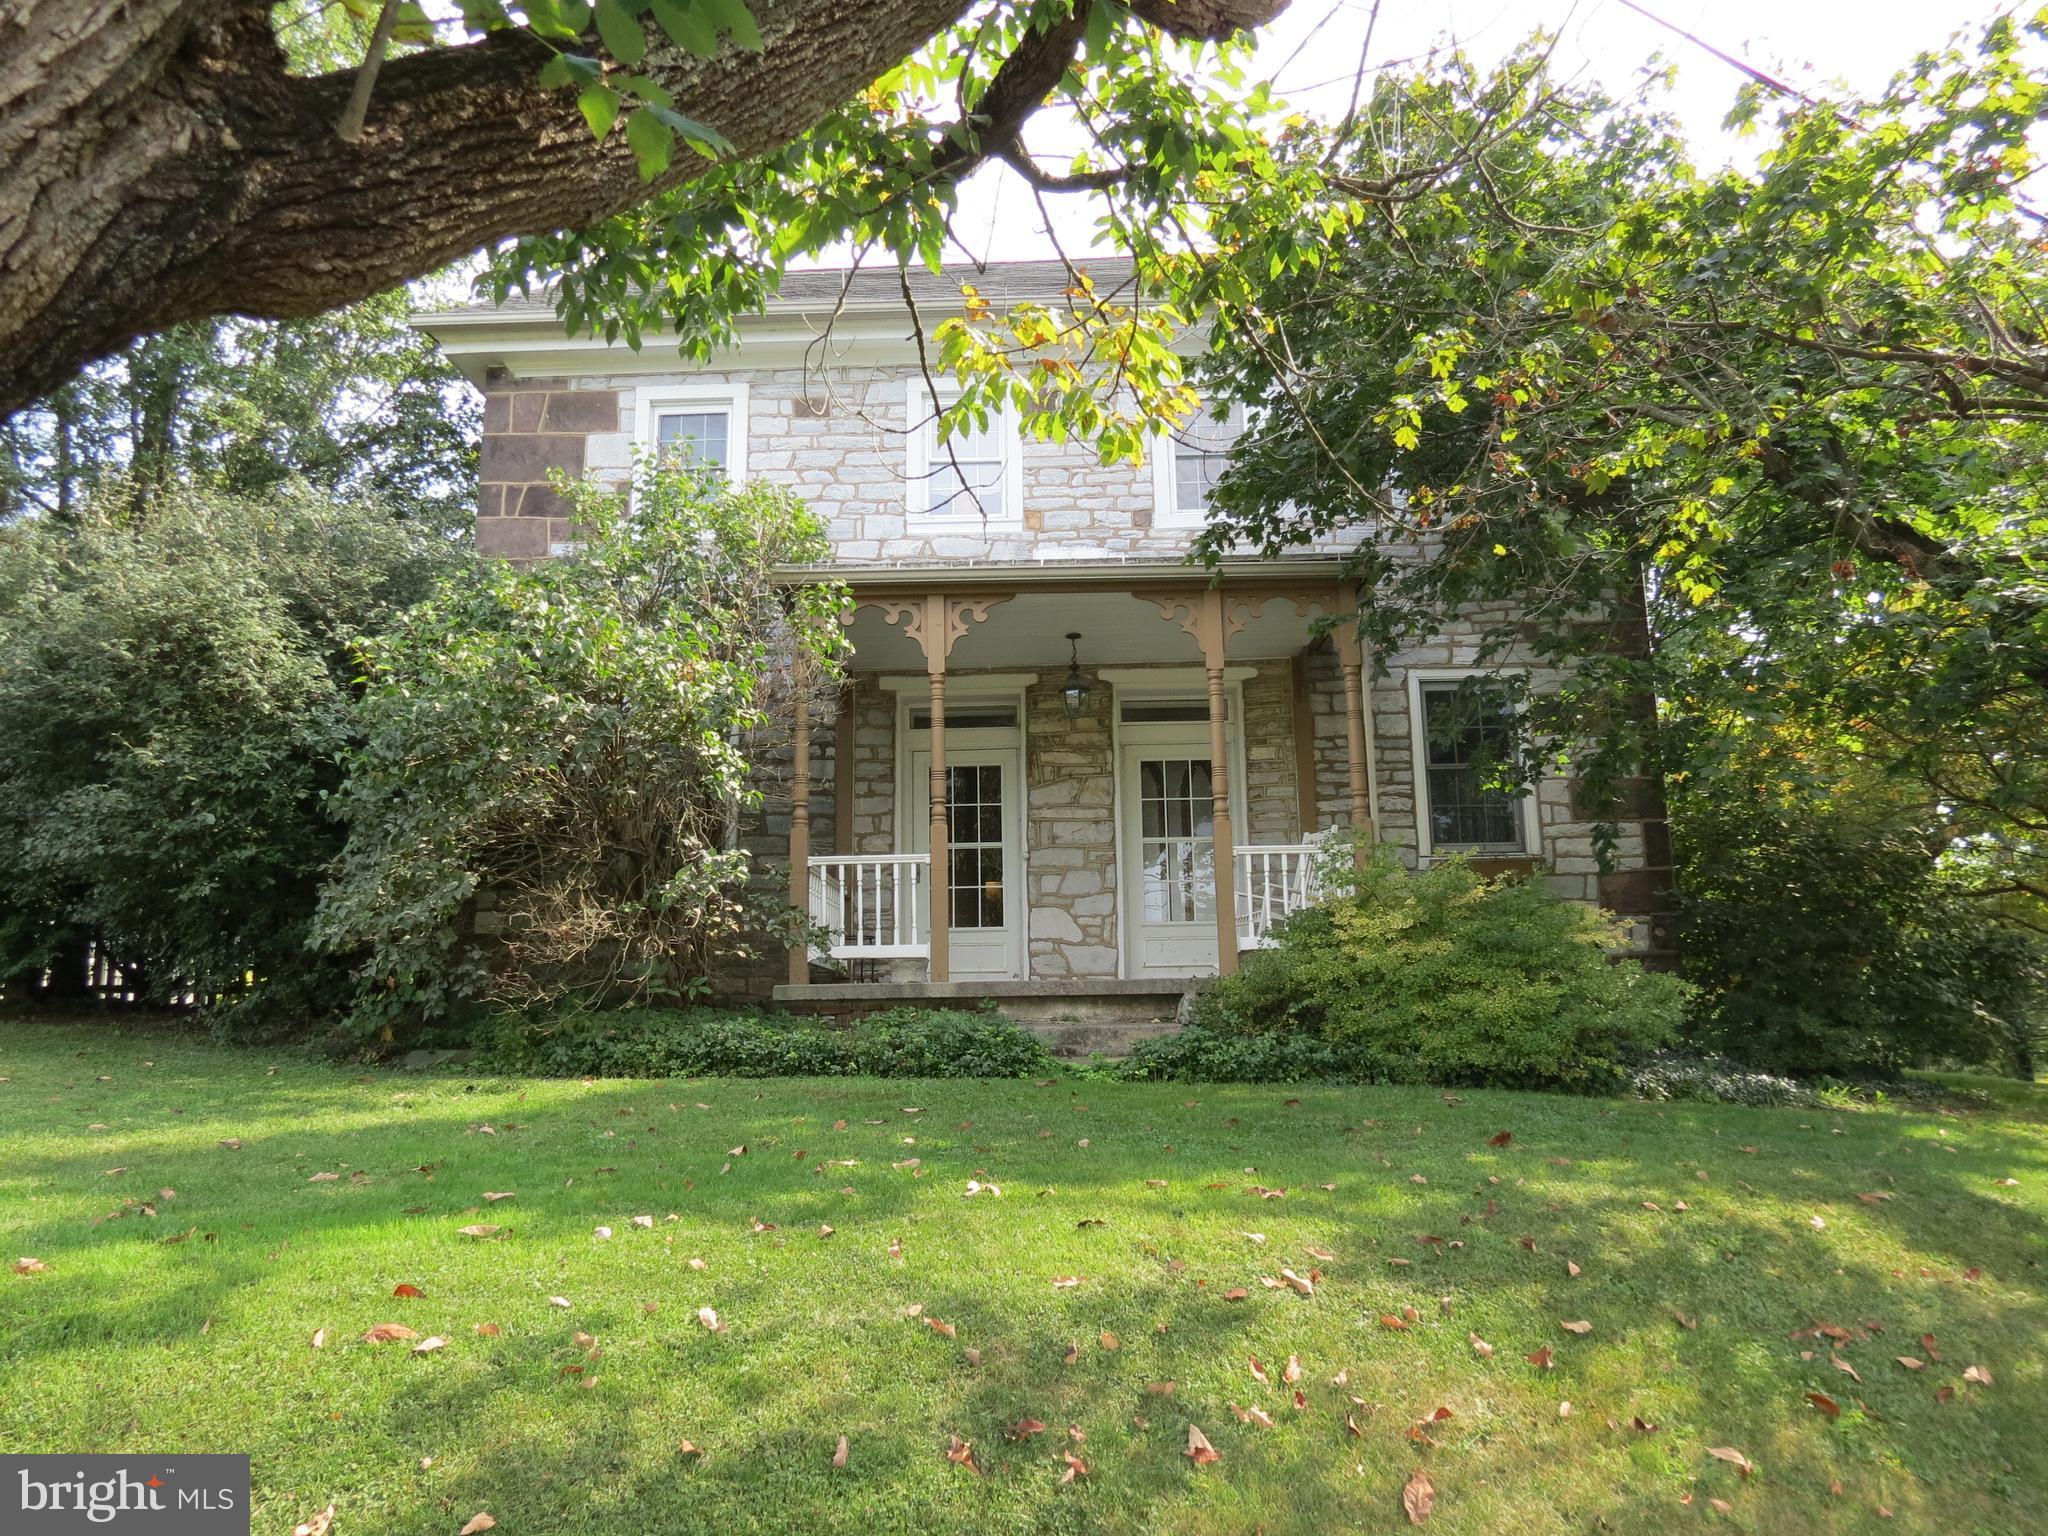 127 W MAIN STREET, HERSHEY, PA 17033